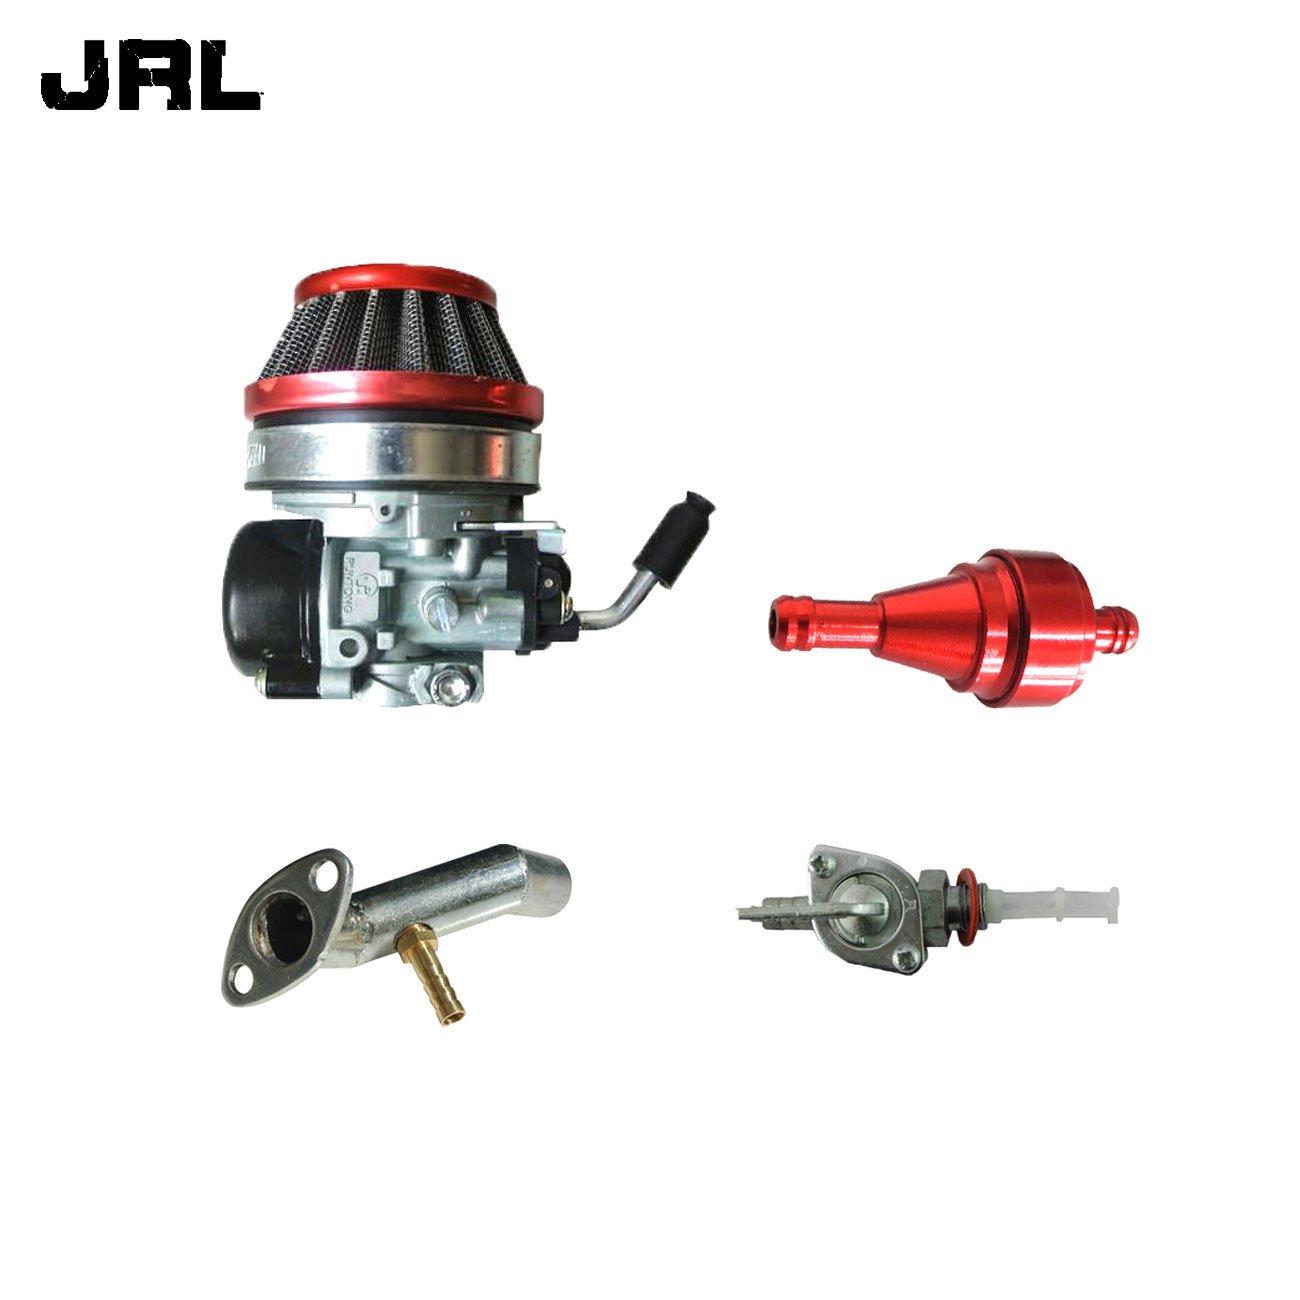 JrLキャブレター&レッドエアフィルタ&吸気マニホールドの66 cc 80 ccエンジン電動自転車 B076J3XXGB